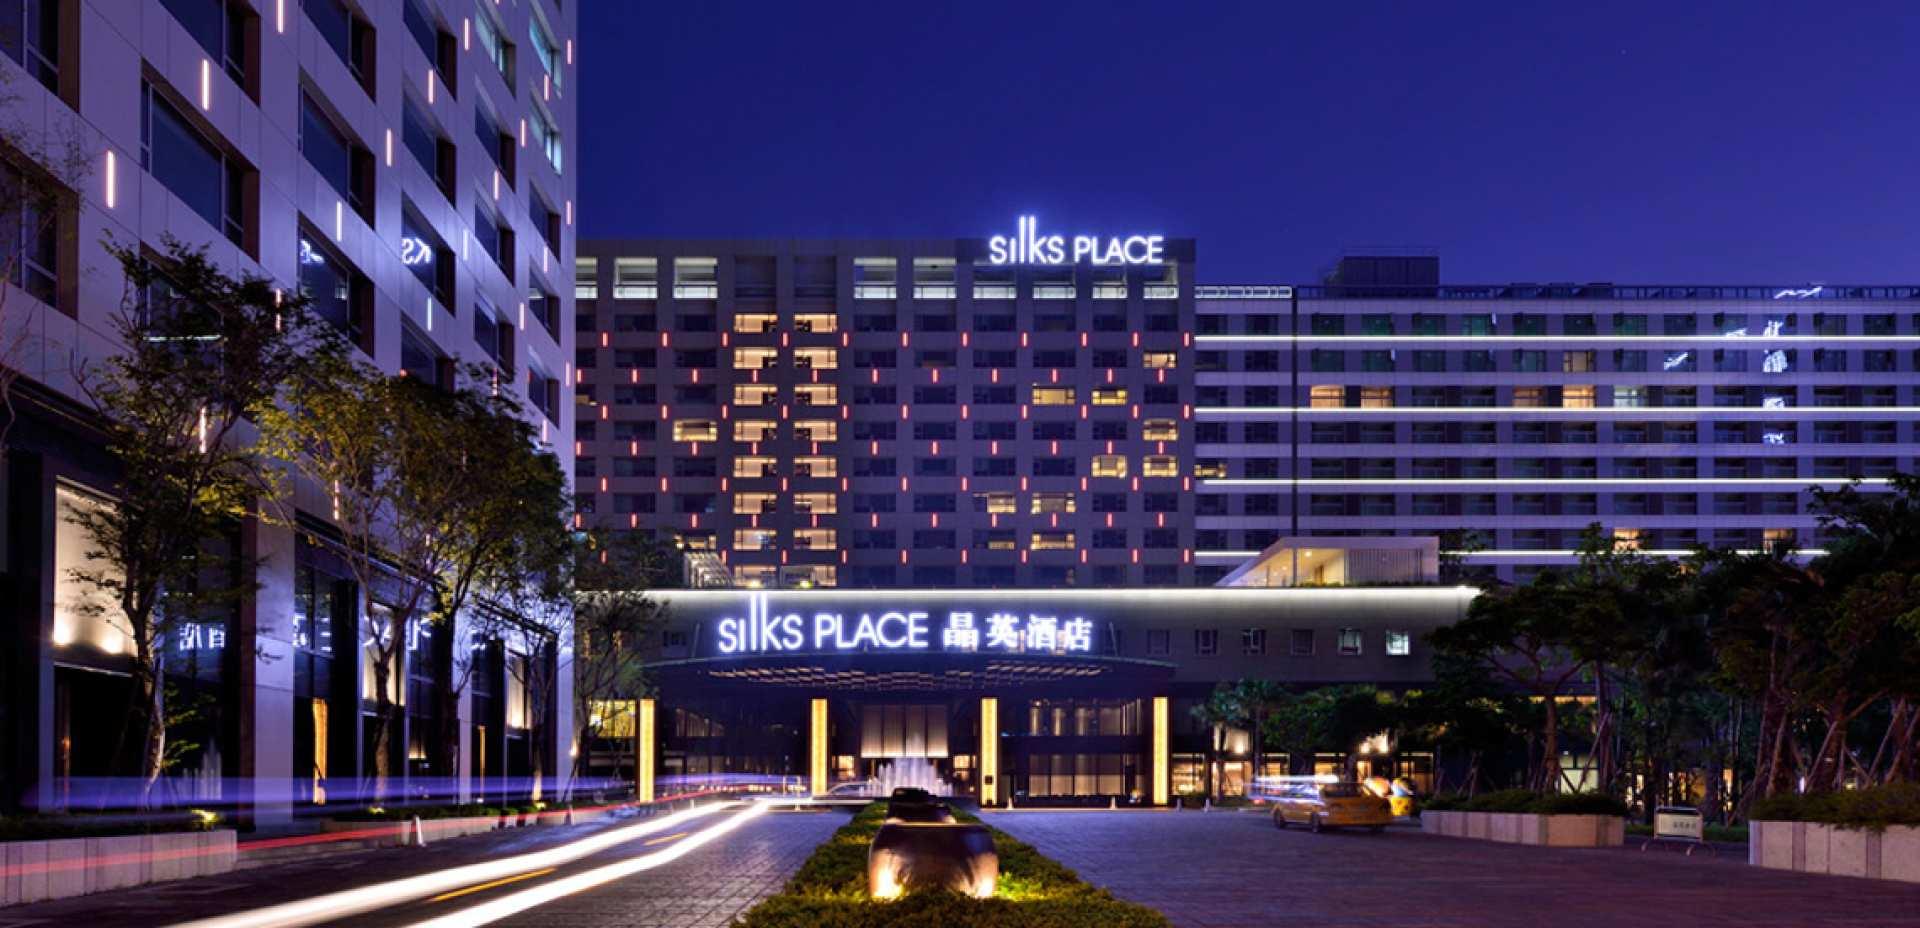 【高鐵假期自由行】台南晶英酒店 2 日遊